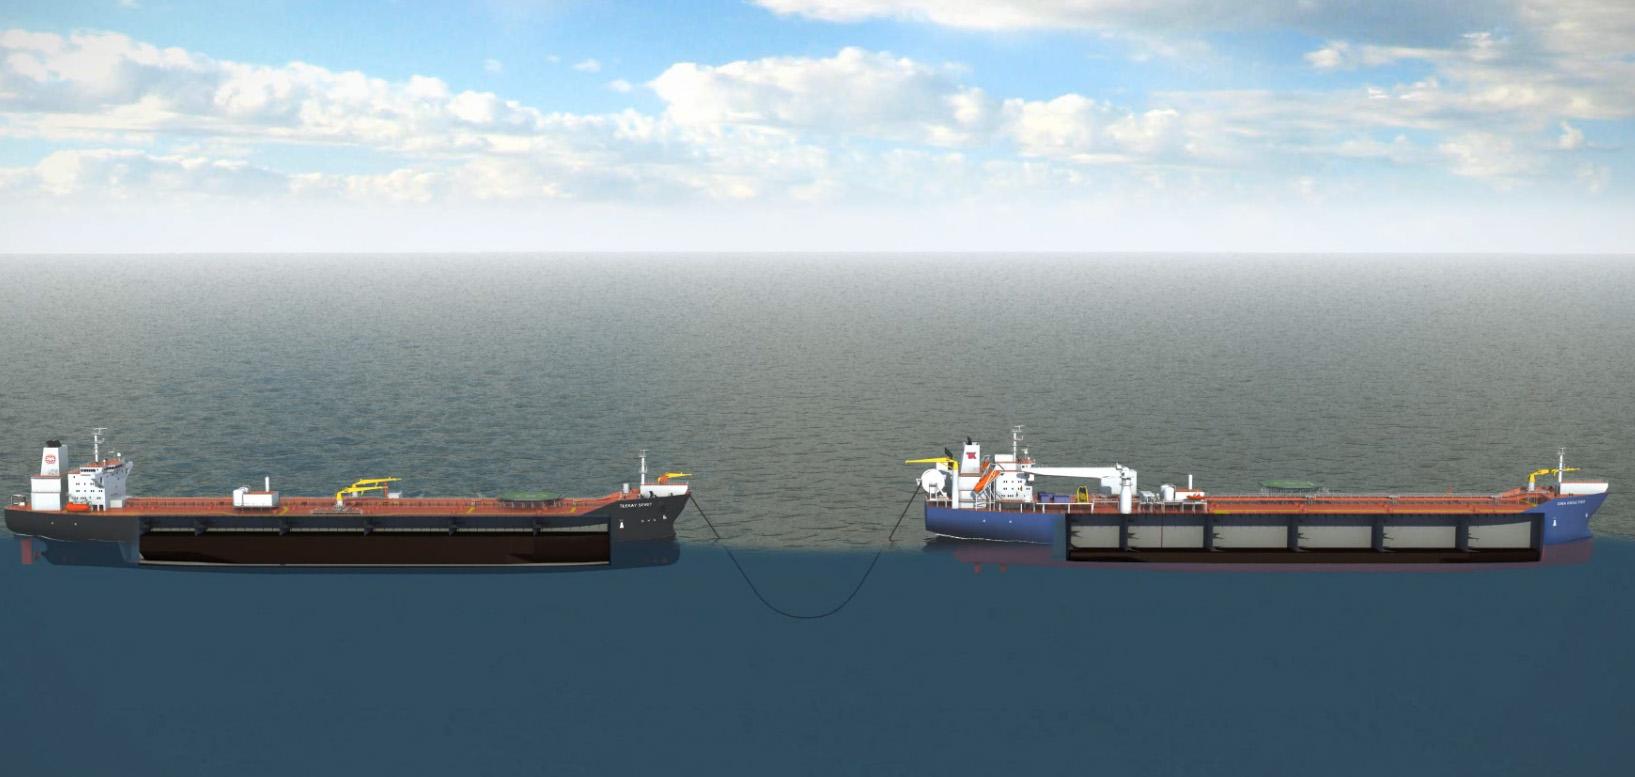 hoegh-lng-oil-tanker-3d-model